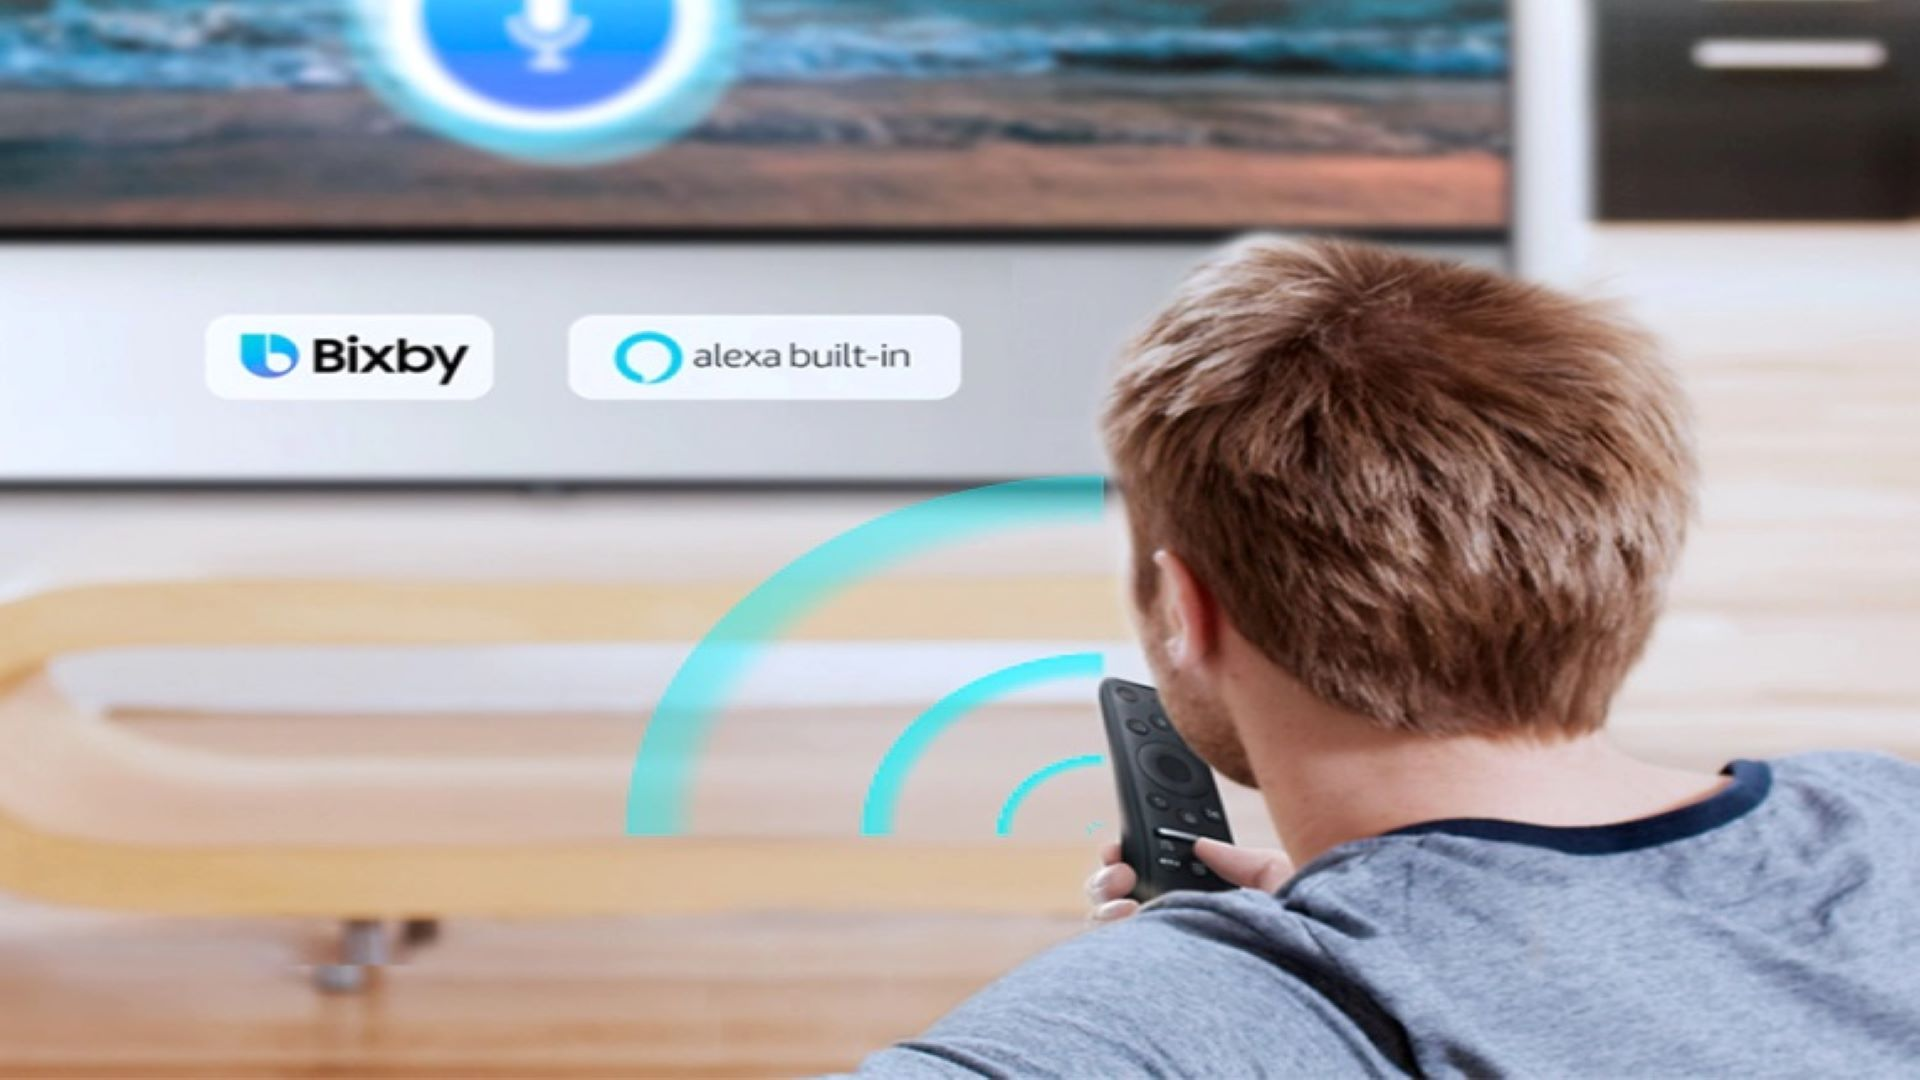 TVs Samsung suportam as assistentes Bixby e Alexa (Foto: Divulgação/ Samsung)